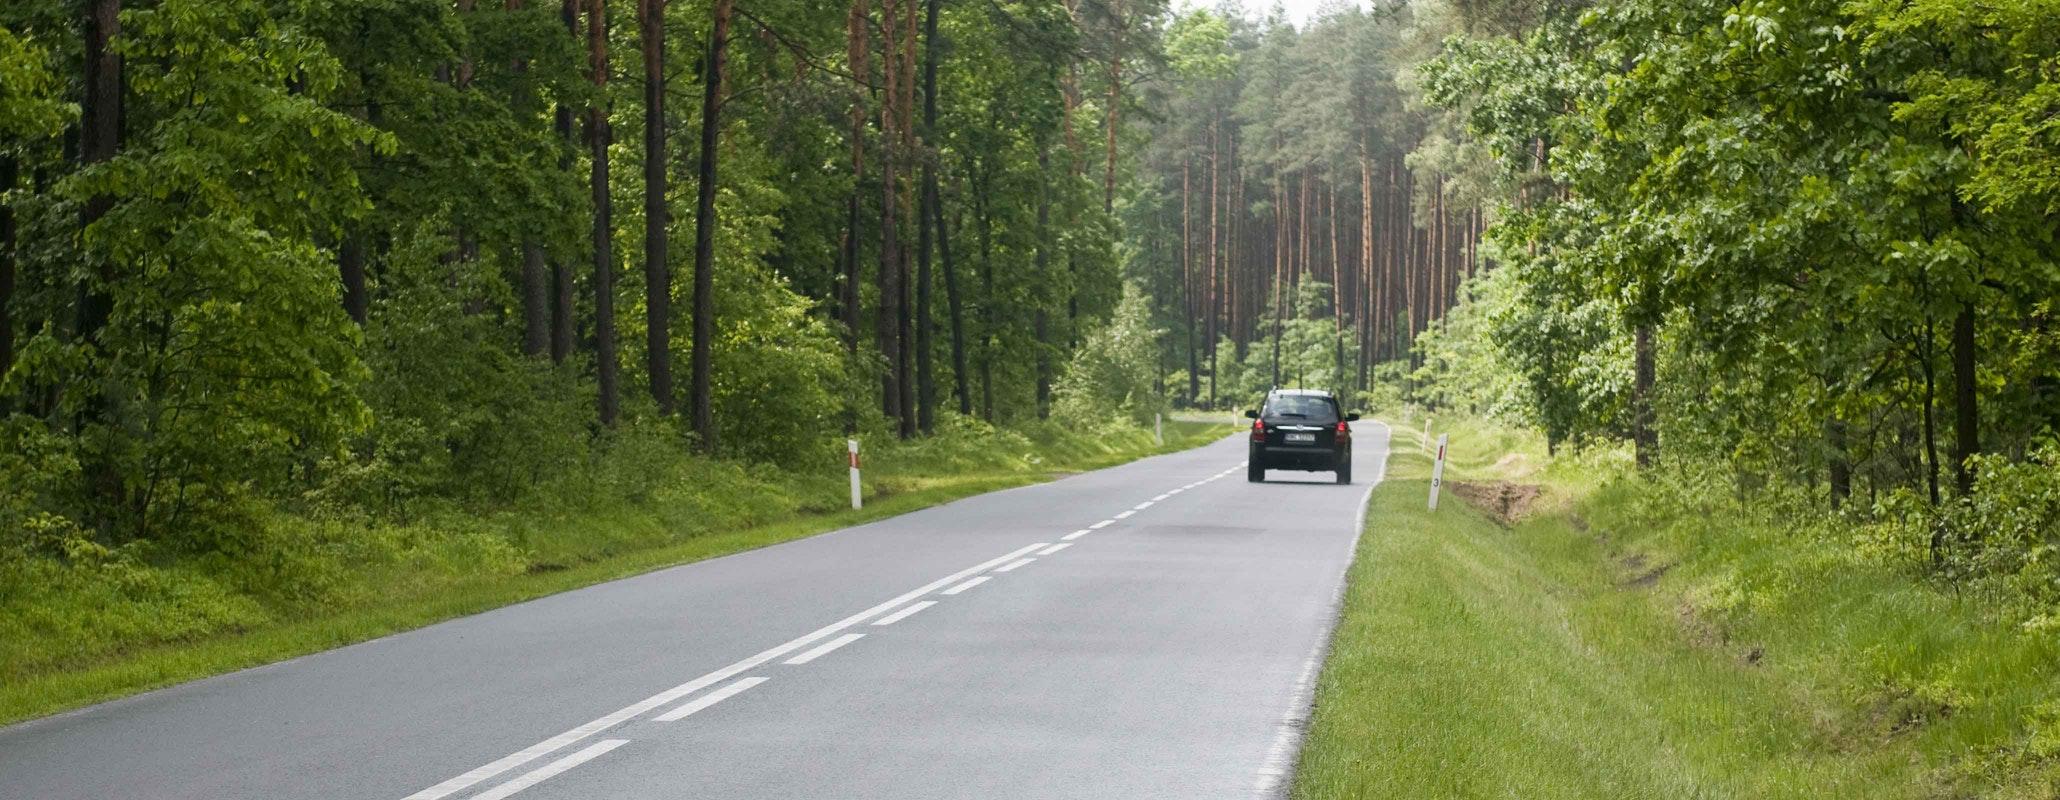 groene kaart centraal beheer Heeft u een groene kaart nodig in de auto?   Centraal Beheer Magazine